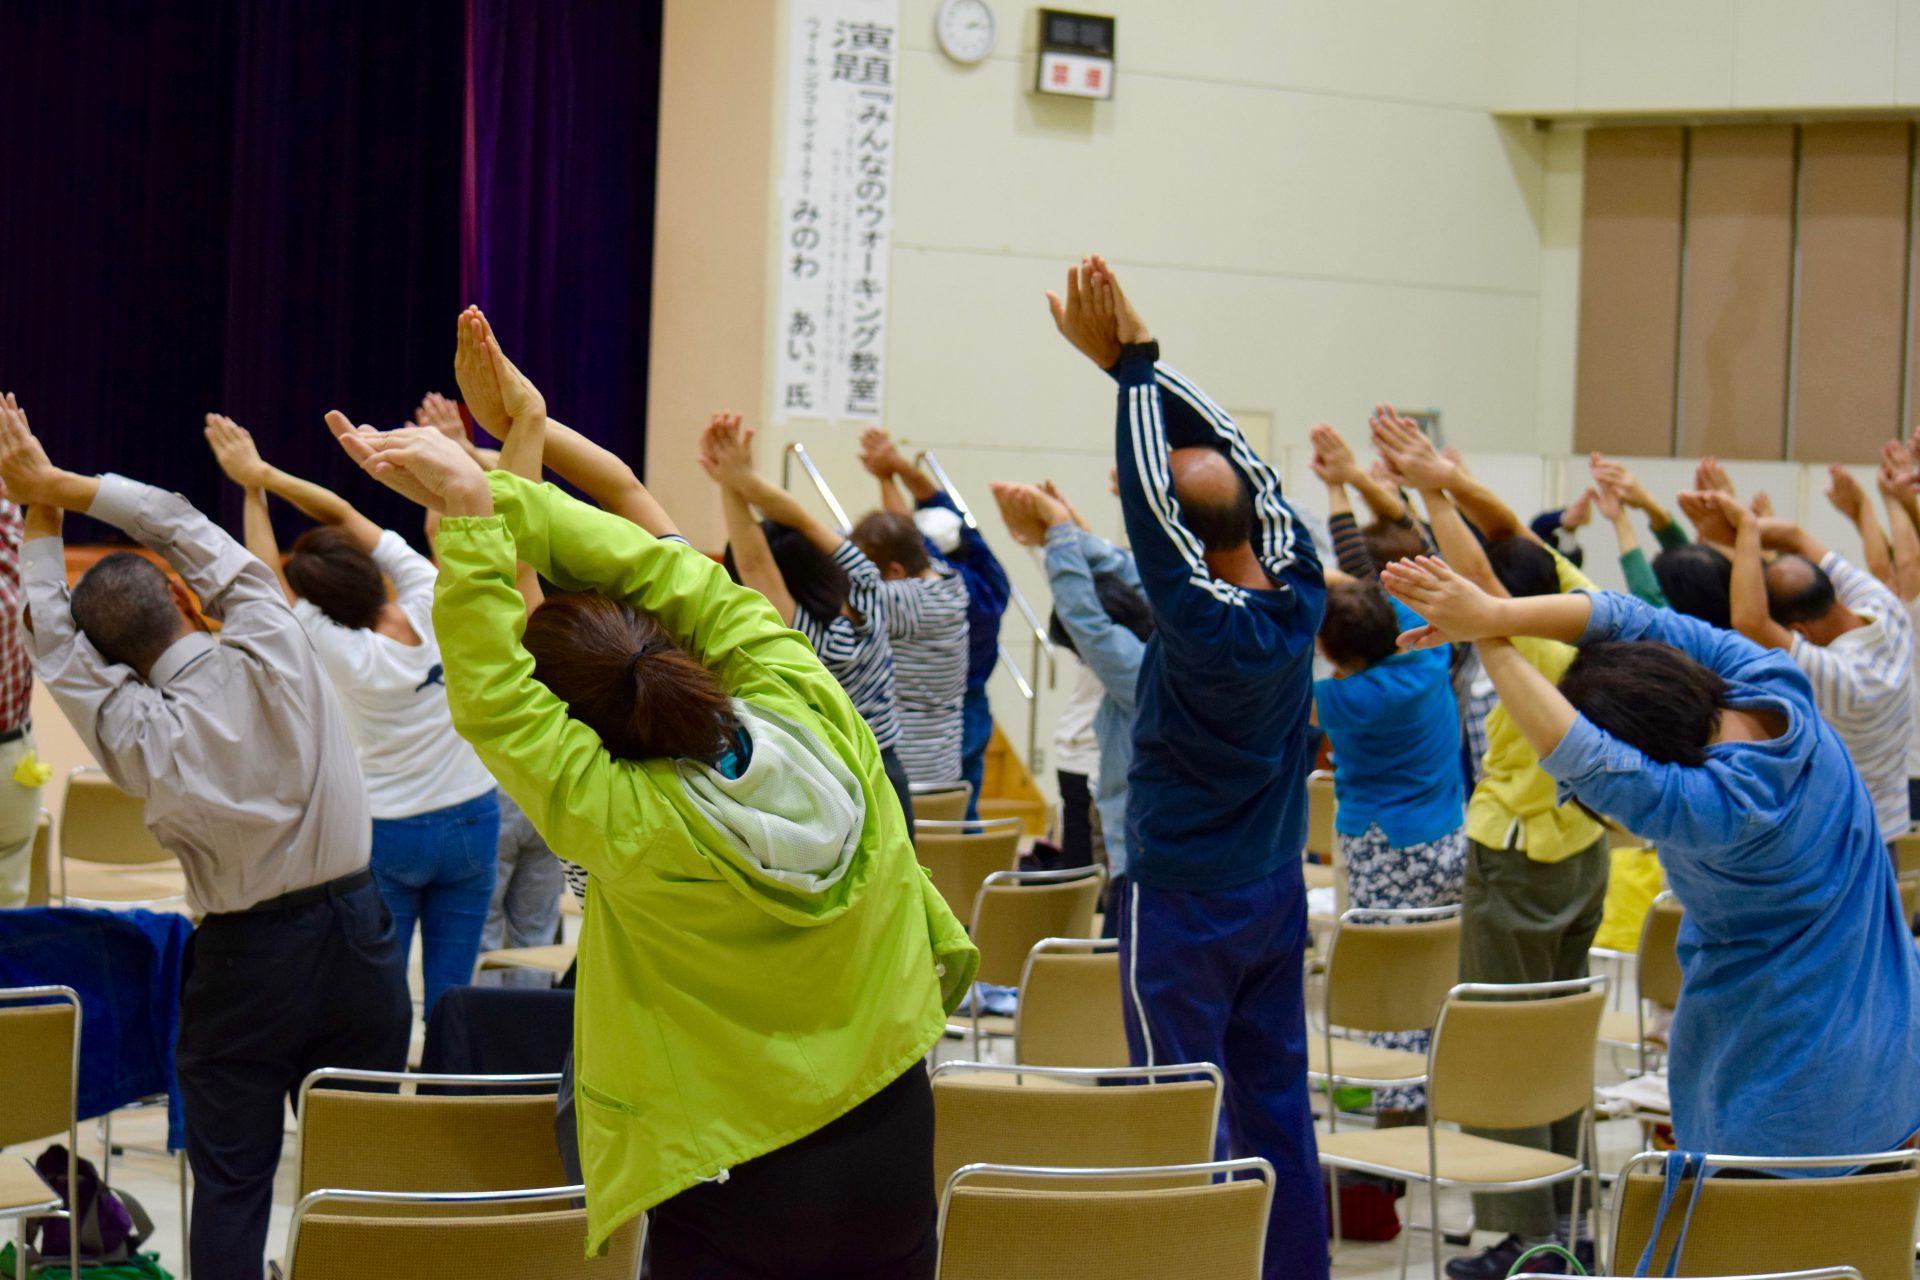 健康講座,生涯健康,健康寿命,介護予防,高齢者,姿勢,老化,アンチエイジング,歩く,歩き方,ウォーキング,自治体,健康づくり,健康セミナー,みのわあい,講師